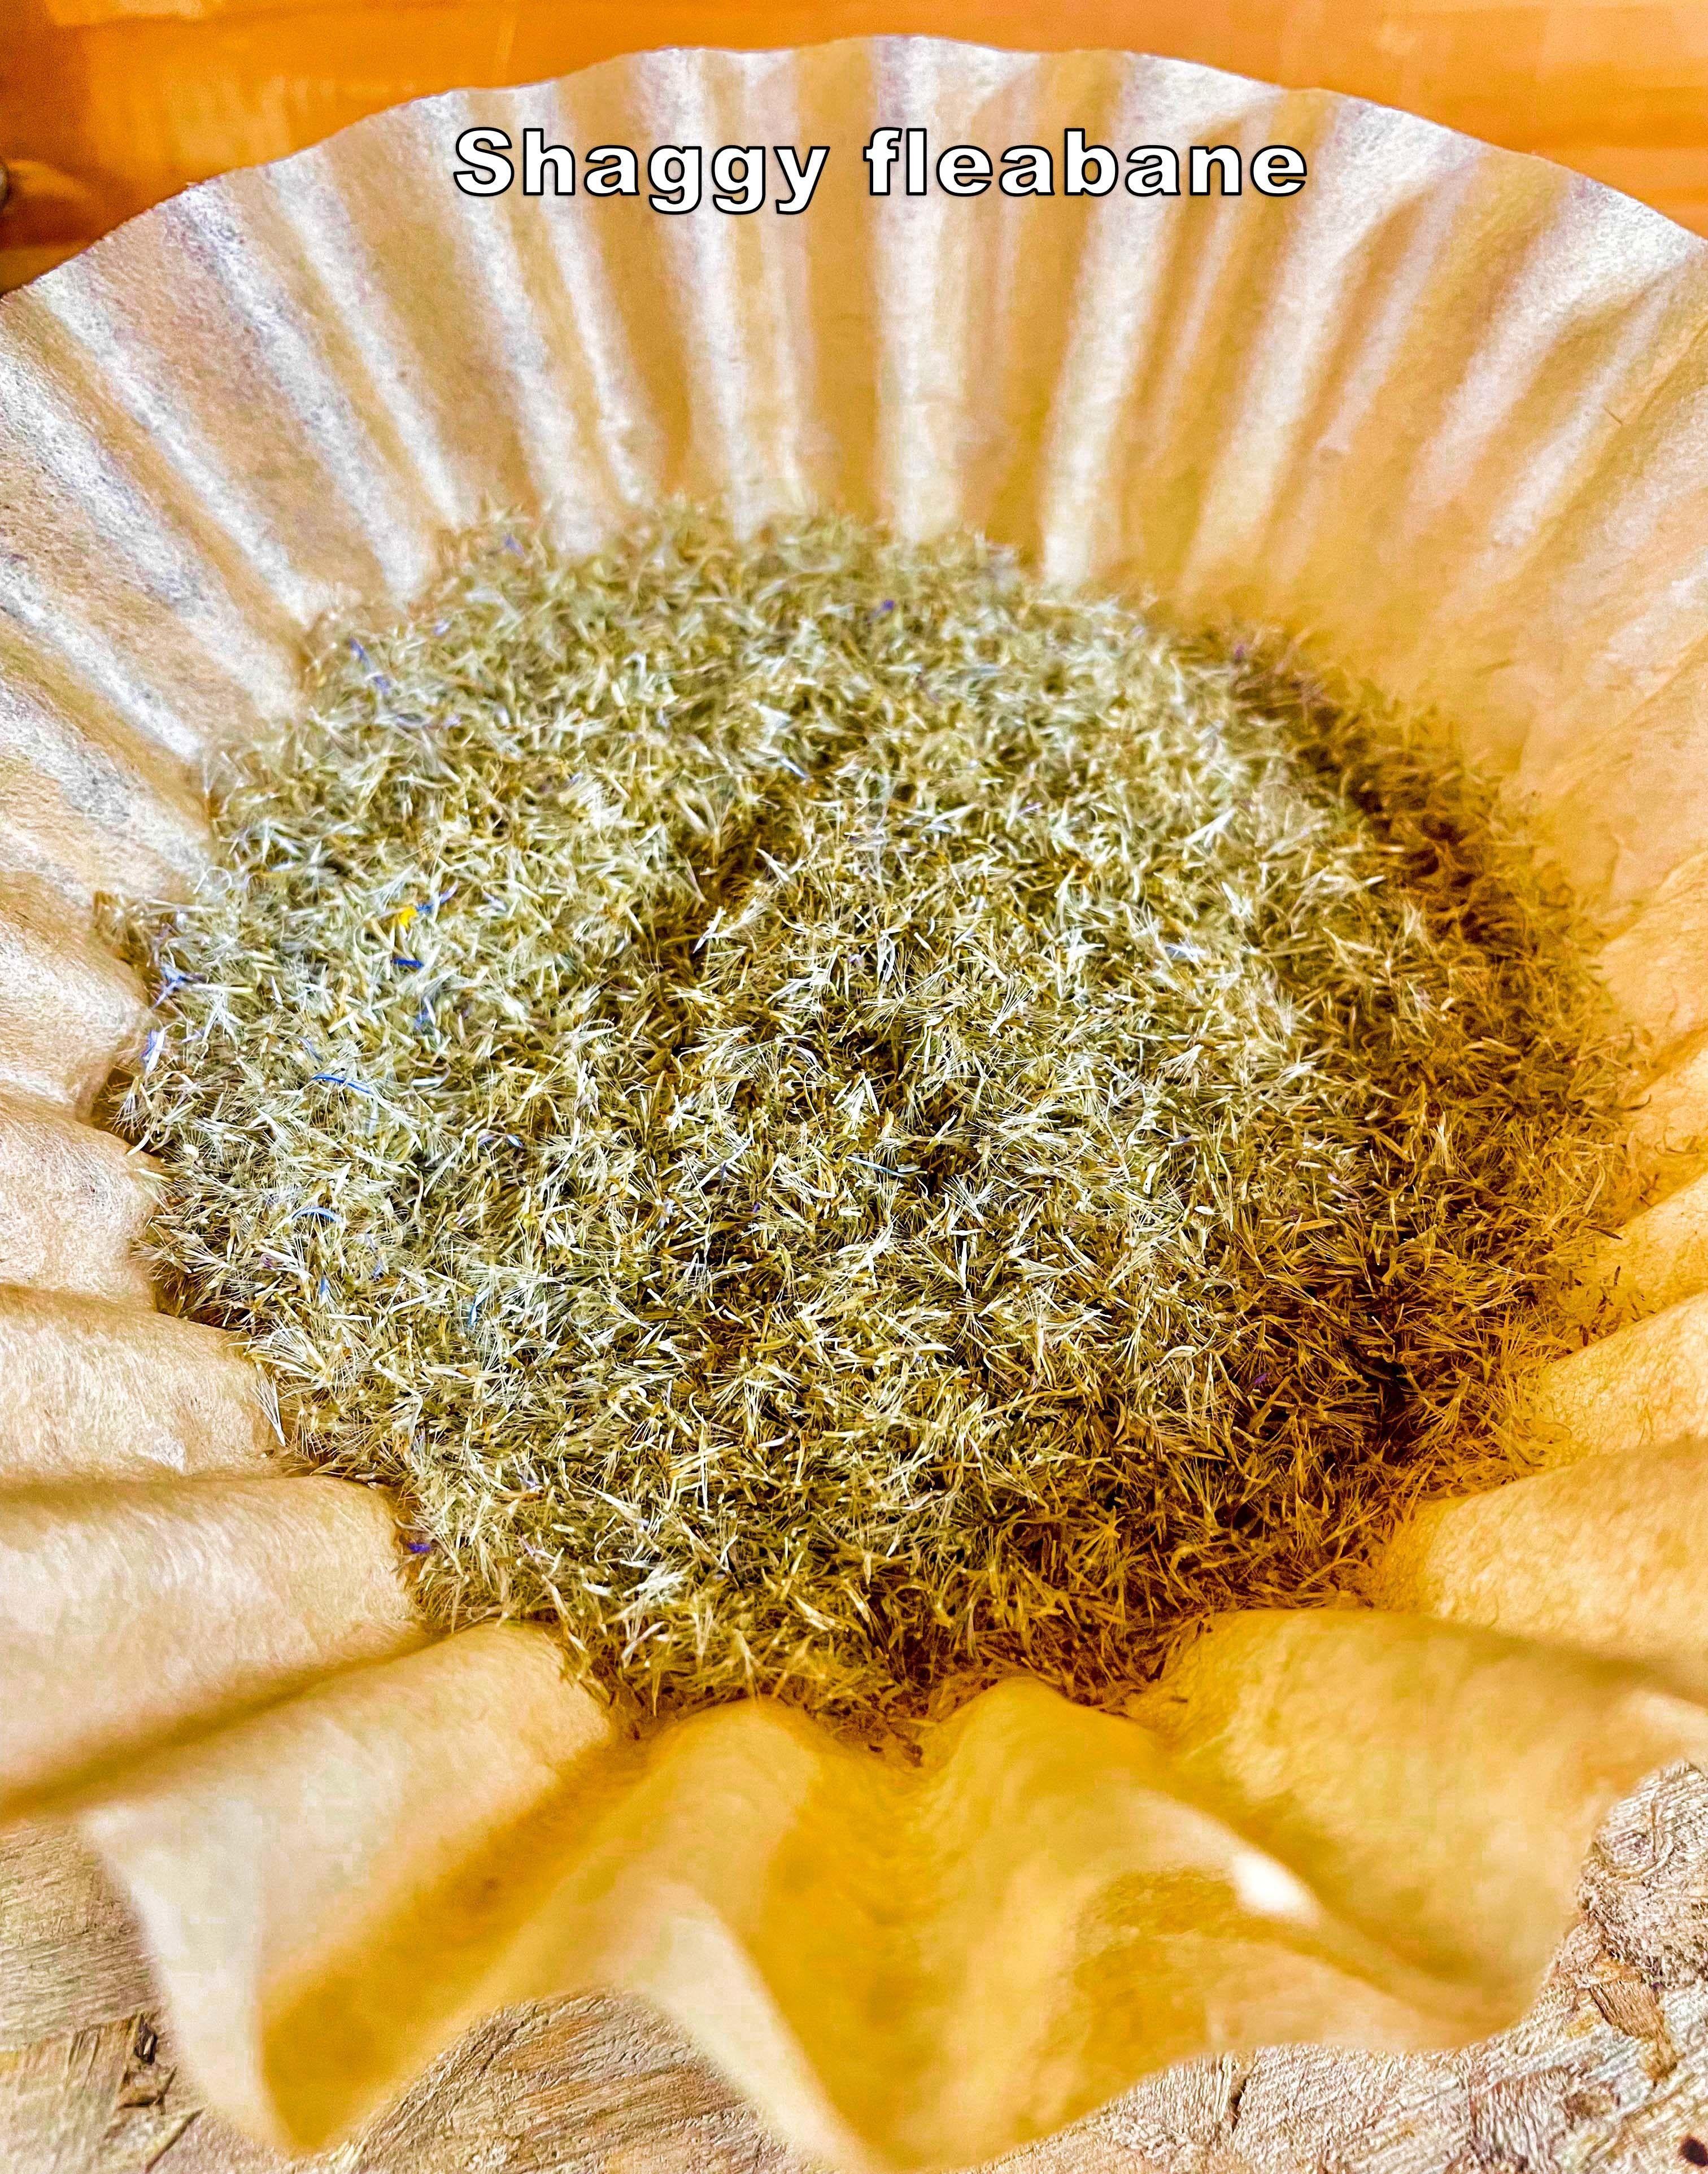 Shaggy fleabane seeds